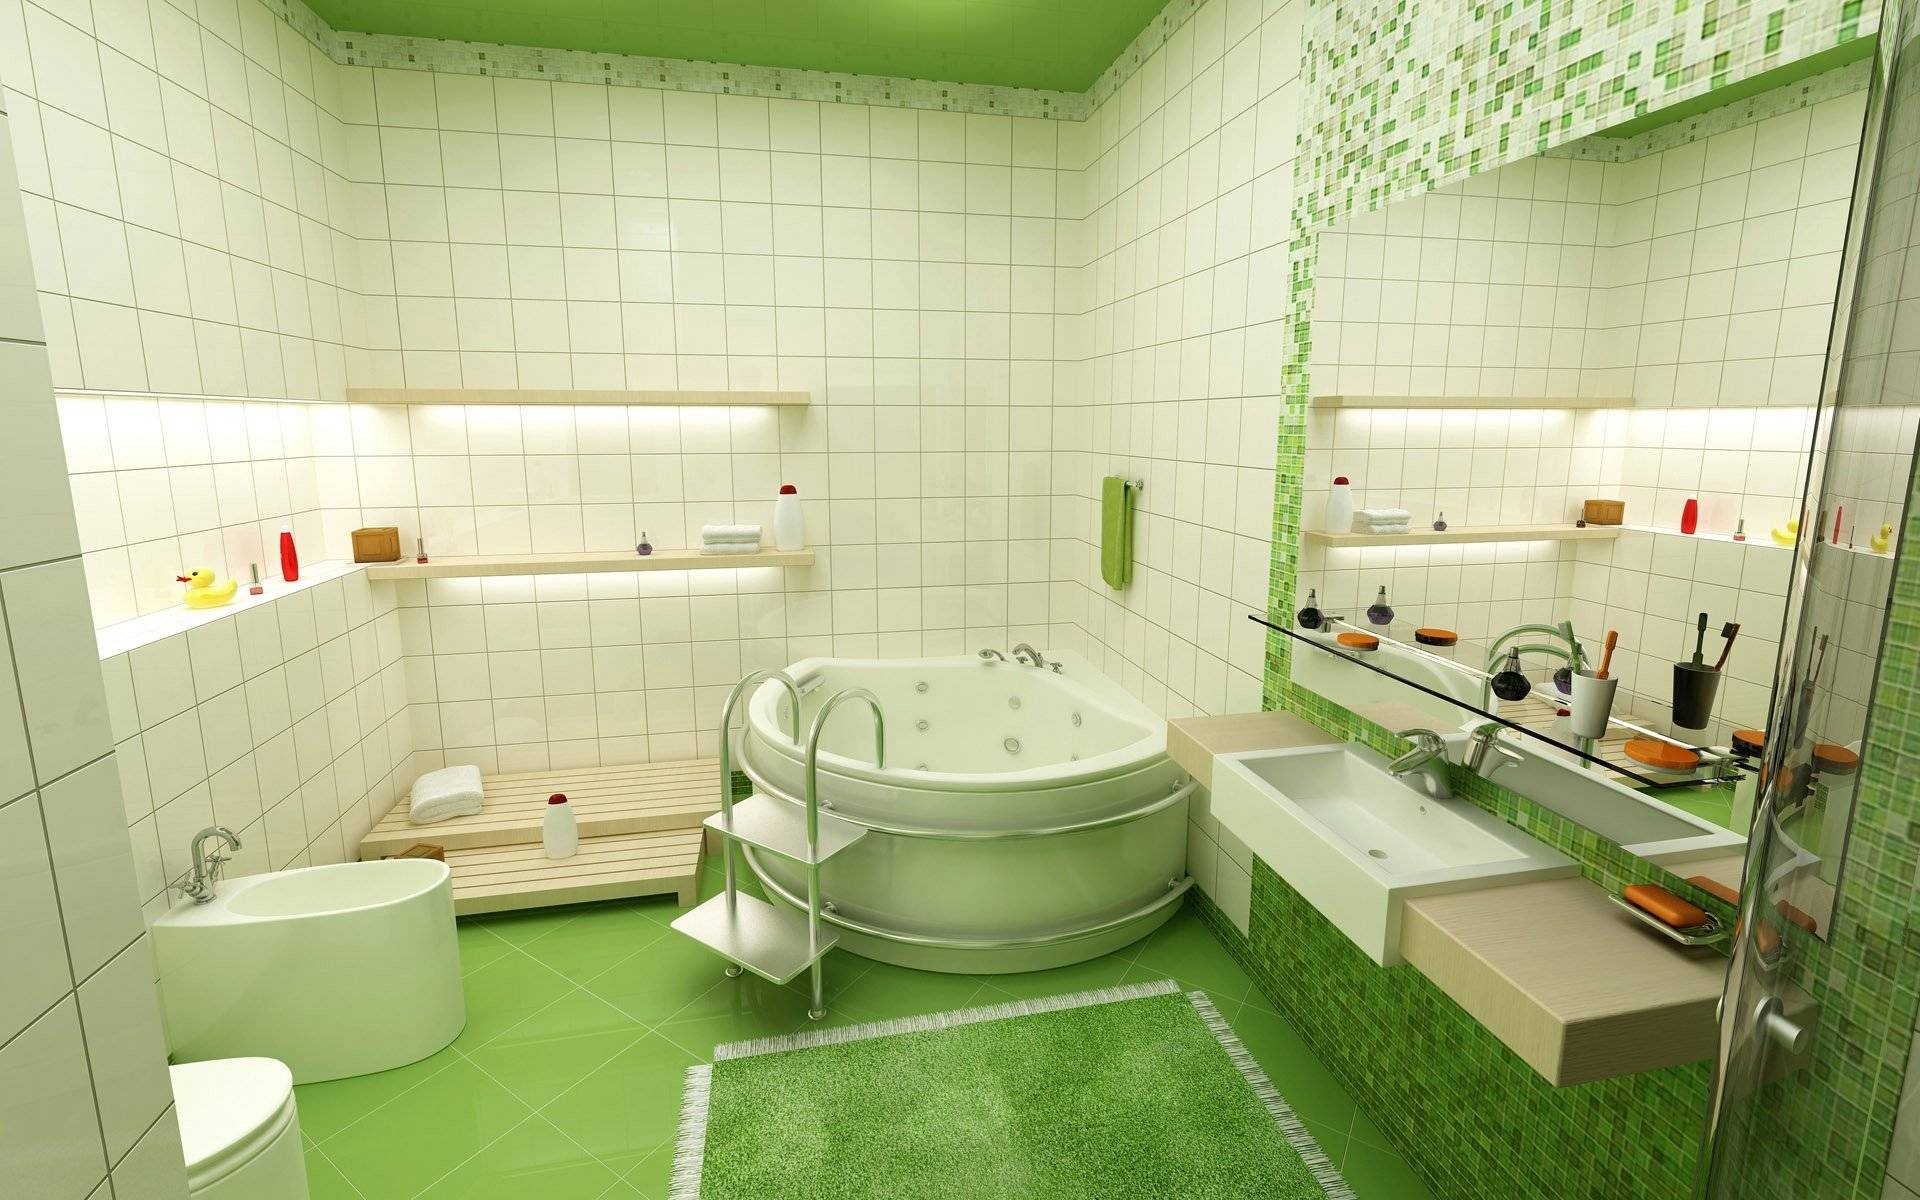 Этапы ремонта ванной комнаты | строительный блог вити петрова